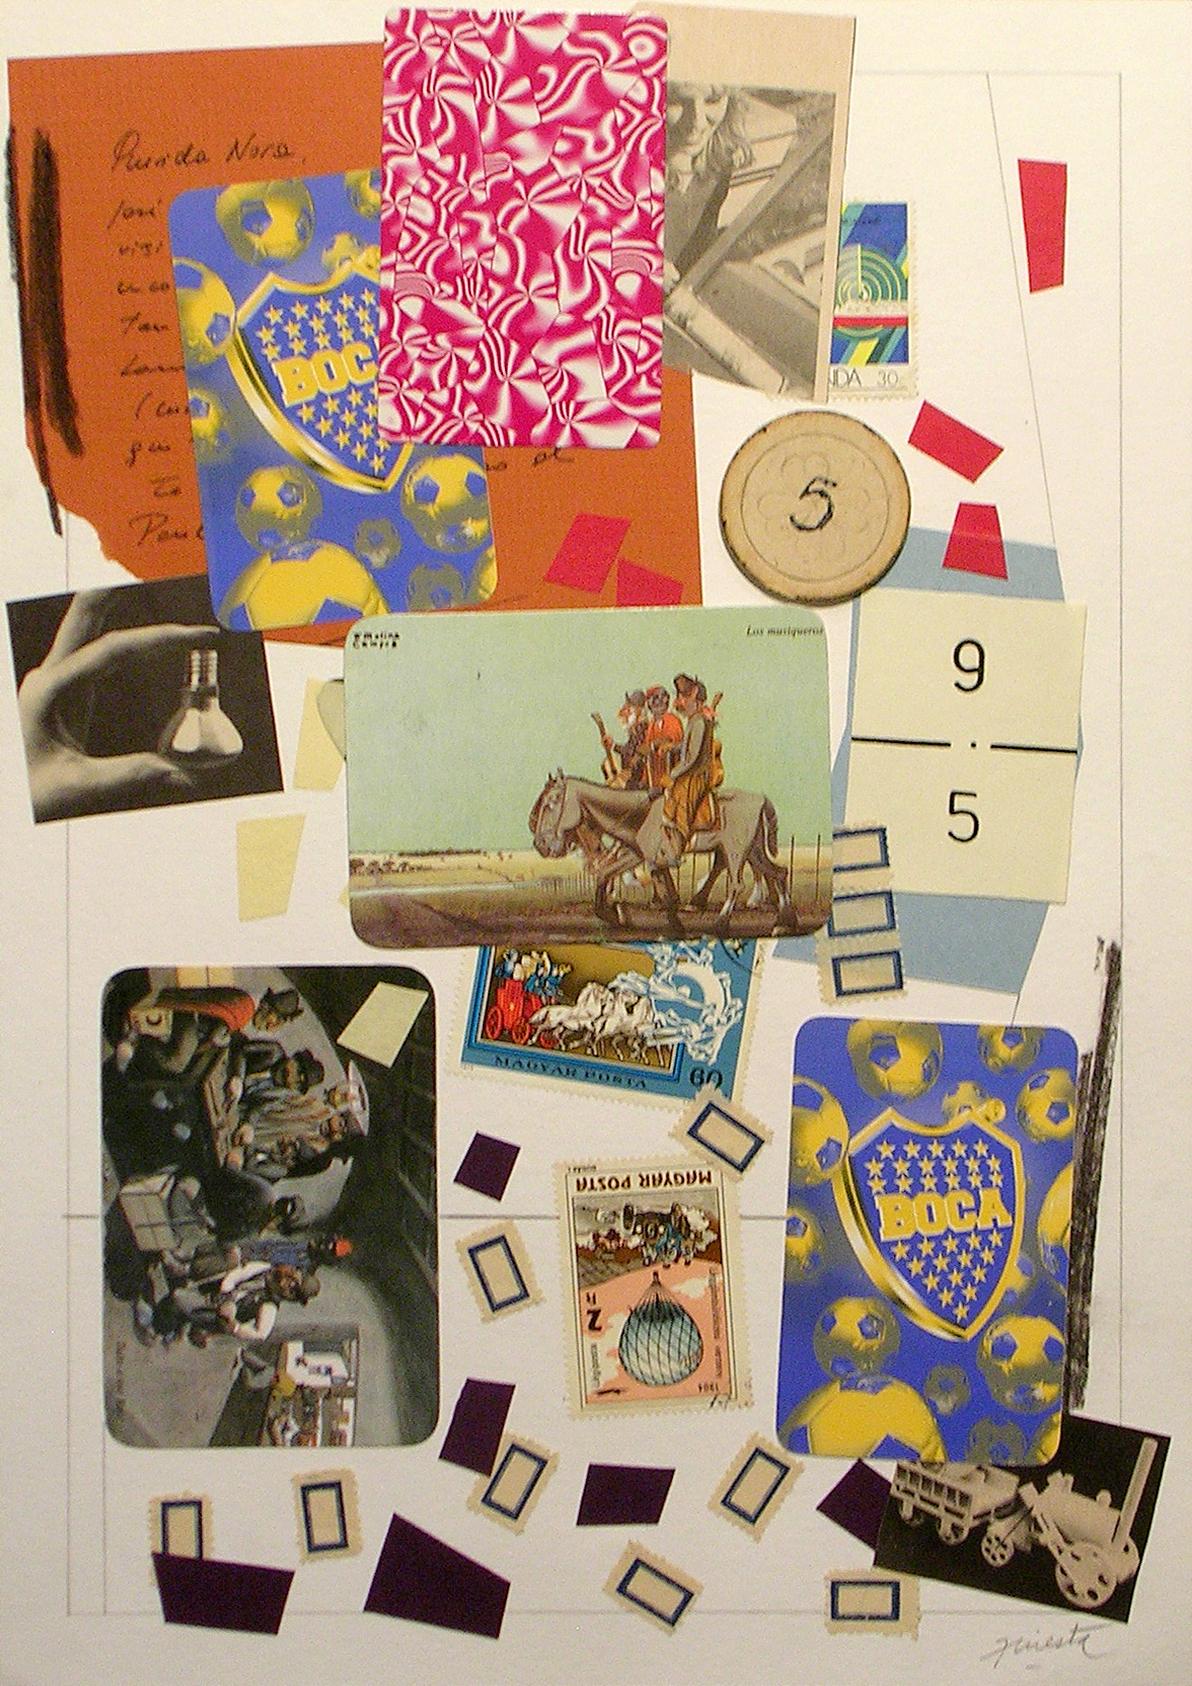 Ejercicios Cotidianos, Collage 34x24cm 2006 (9)